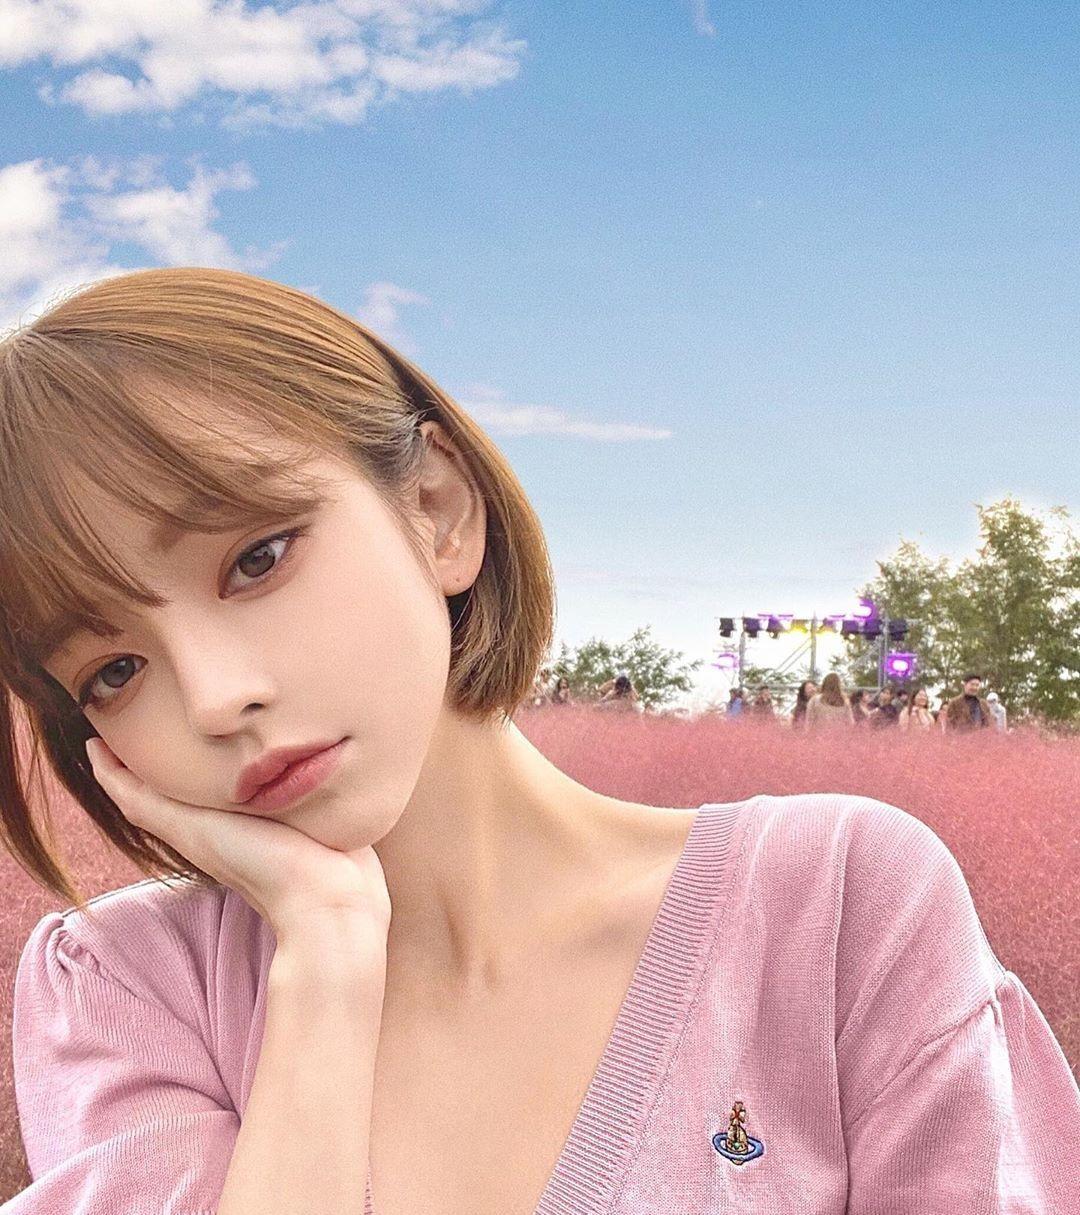 清纯女大学生喜欢素颜,淡妆让她显得十分青春